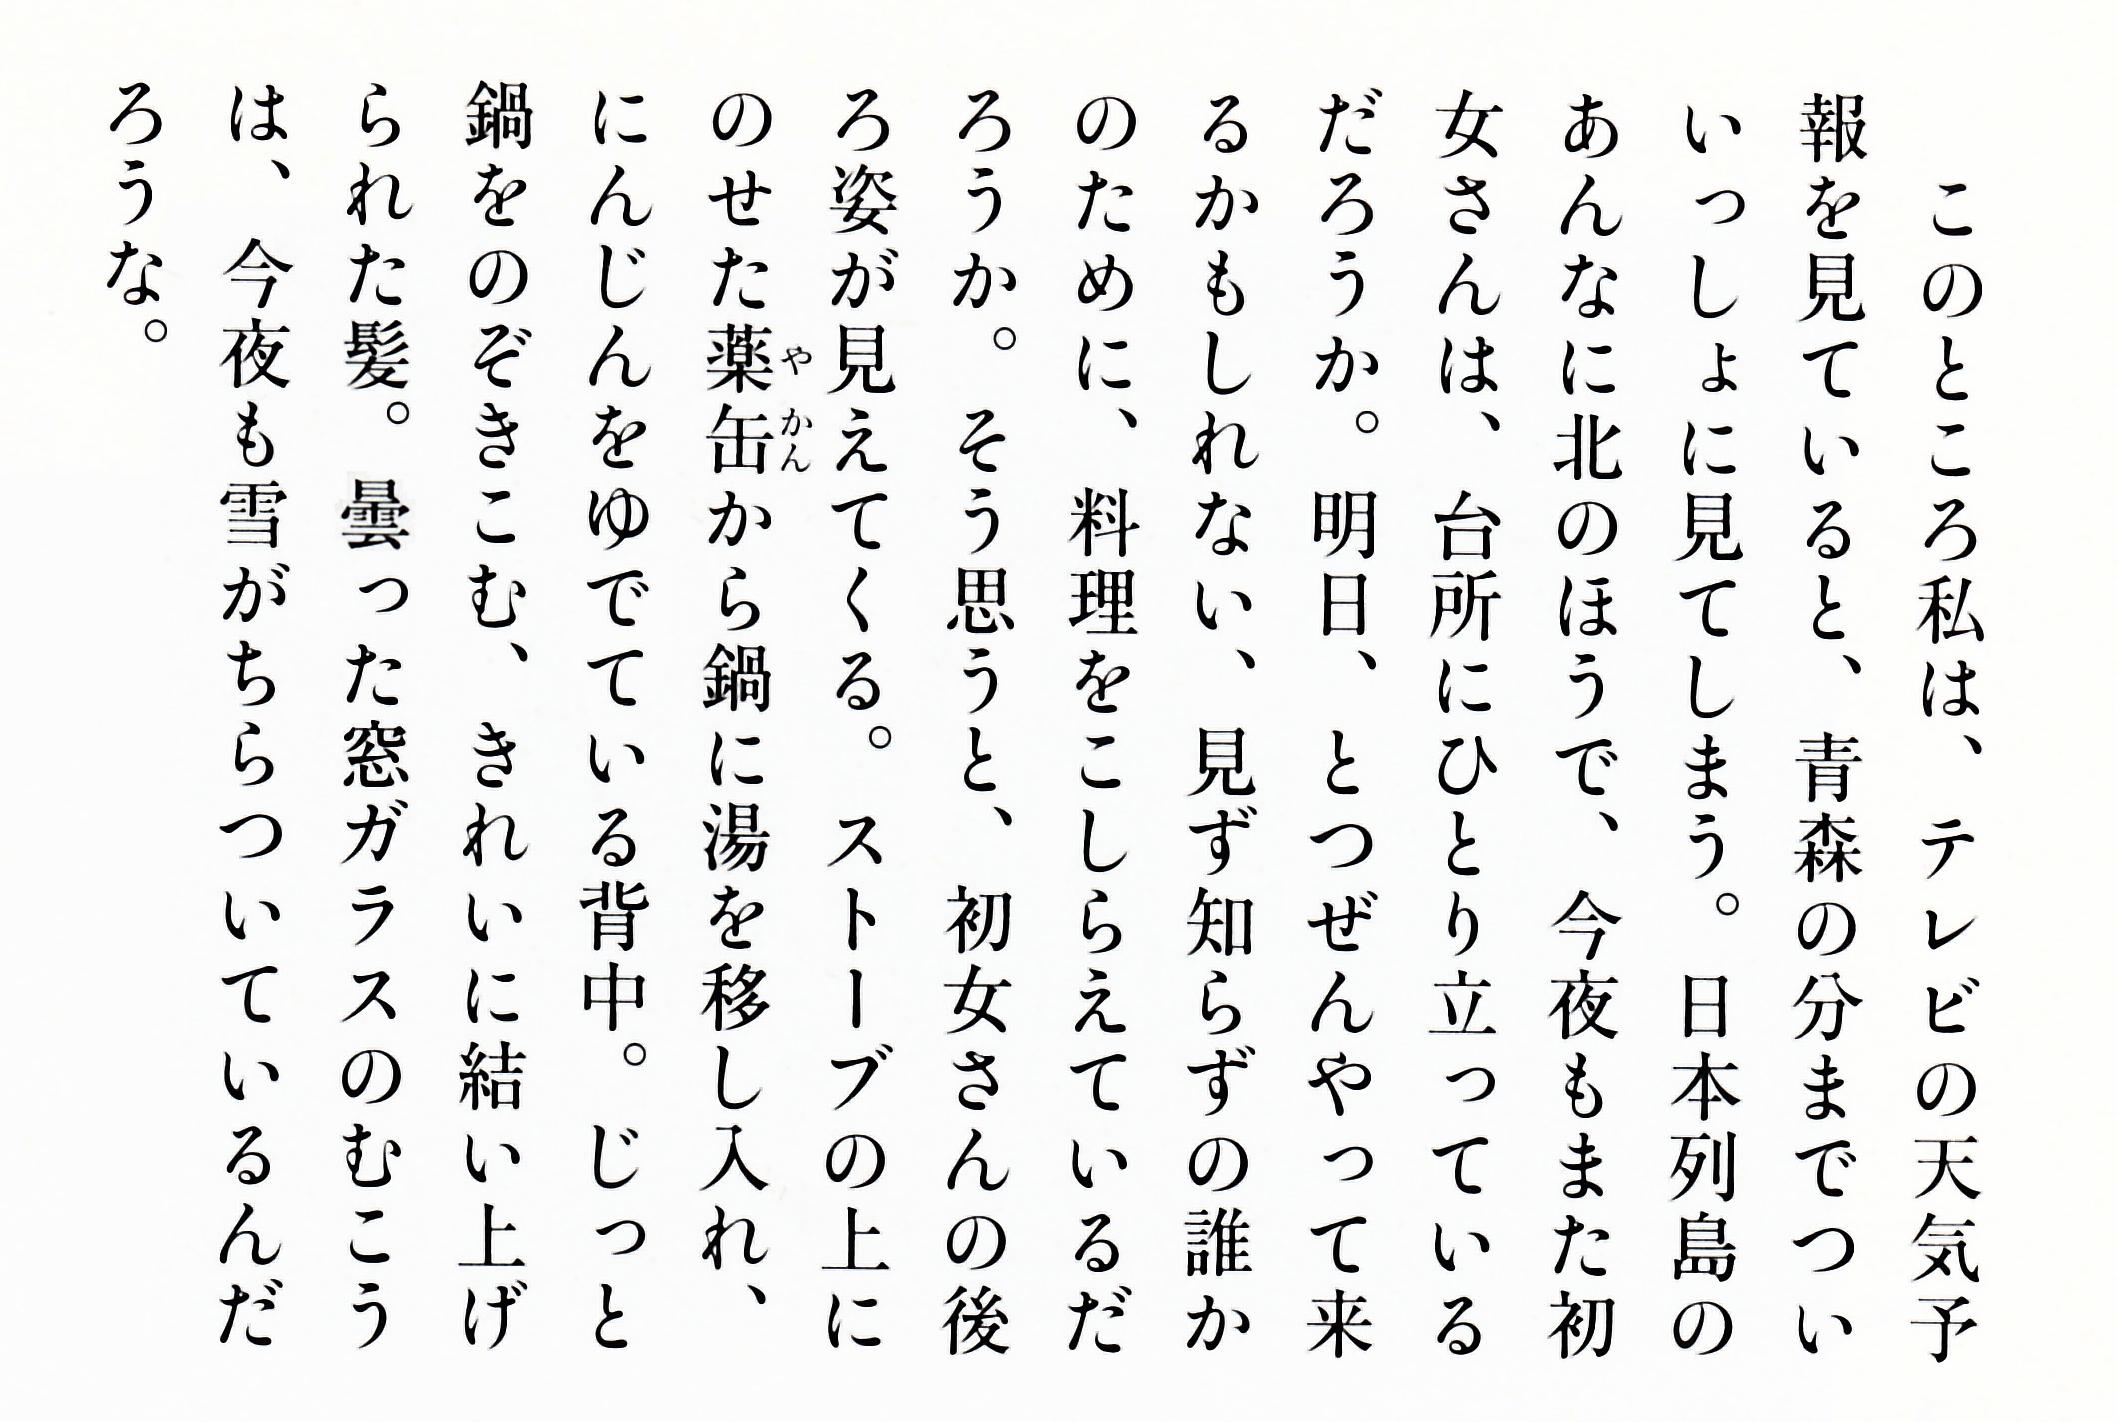 14_クウネル_2004年5月号_本文明朝.jpg